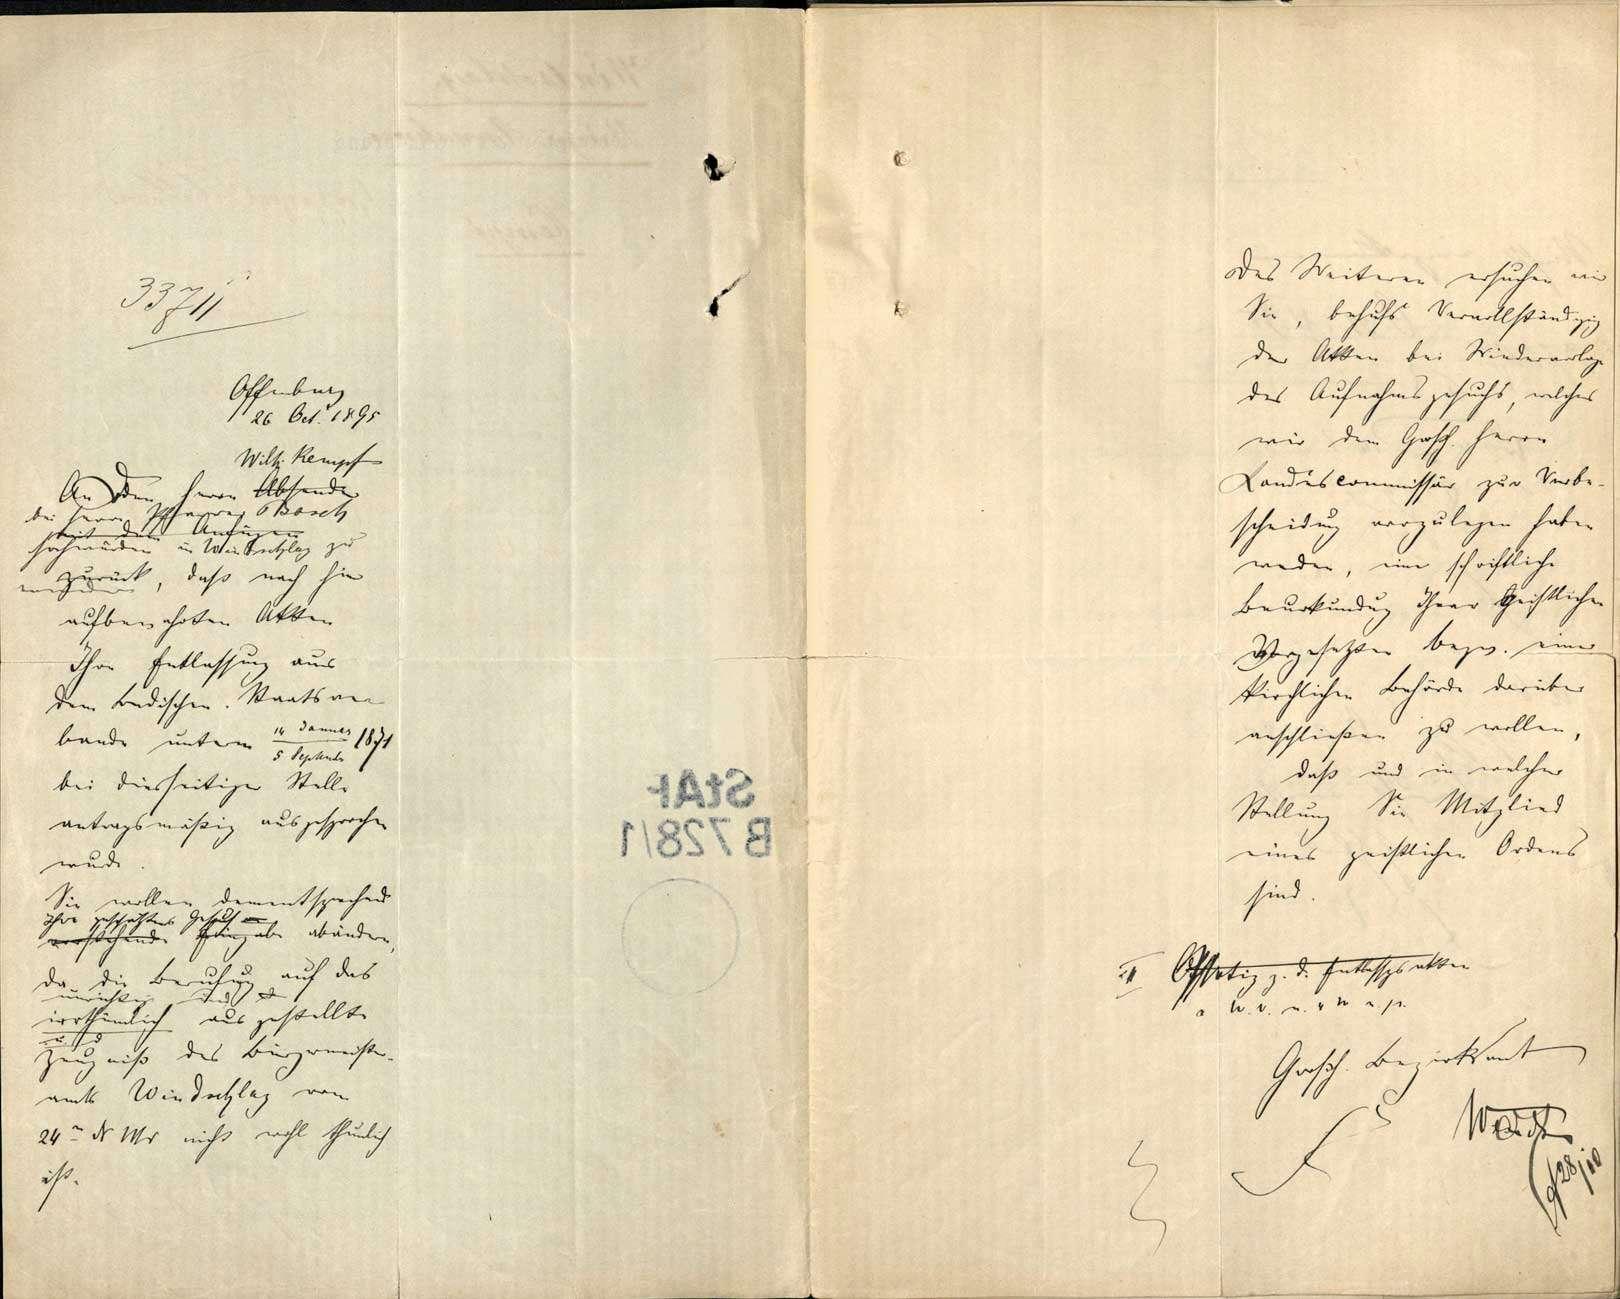 Gesuch des Missionars Wilhelm Kempf um Wiedererhaltung der deutschen Staatsbürgerrechts, Bild 2